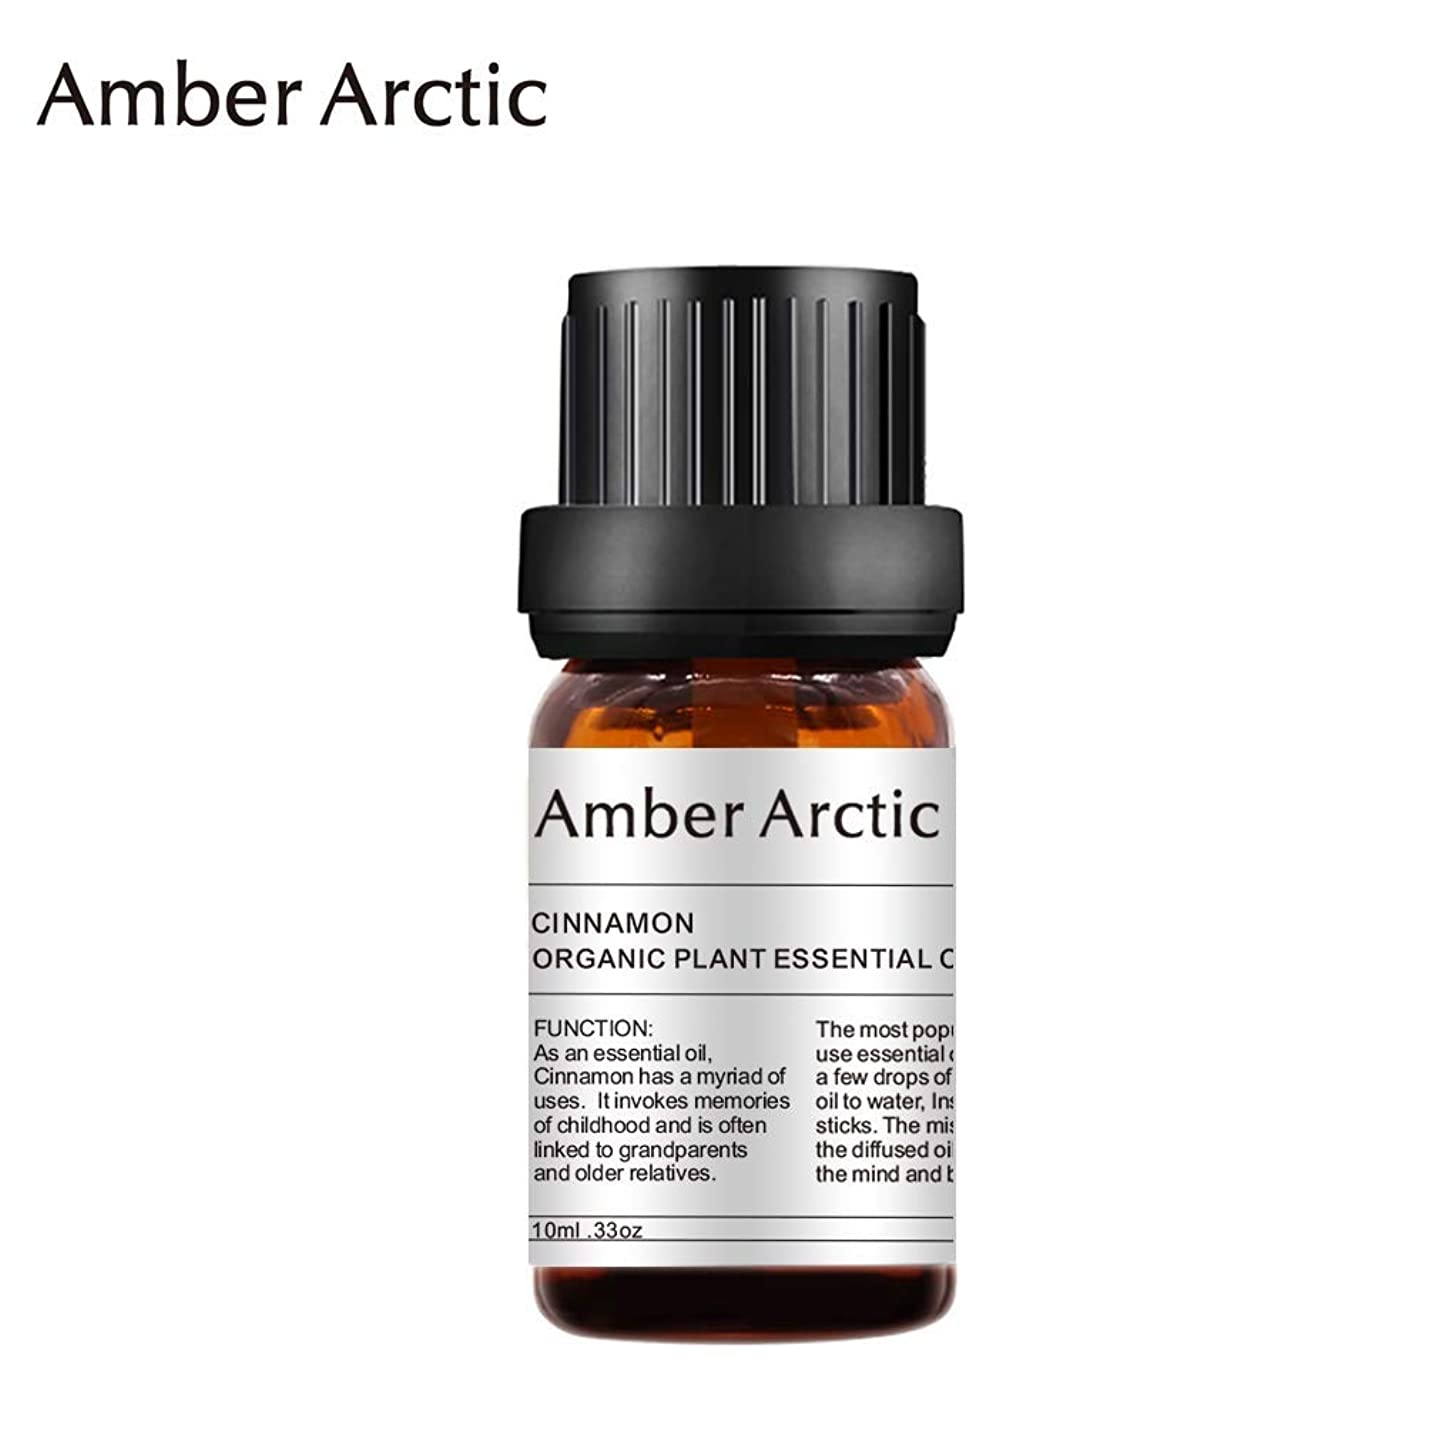 政策論争的ドライバAmber Arctic シナモン エッセンシャル オイル、100% 天然 アロマ テラピー シナモン オイル スプレッド 用 (10ML) シナモン